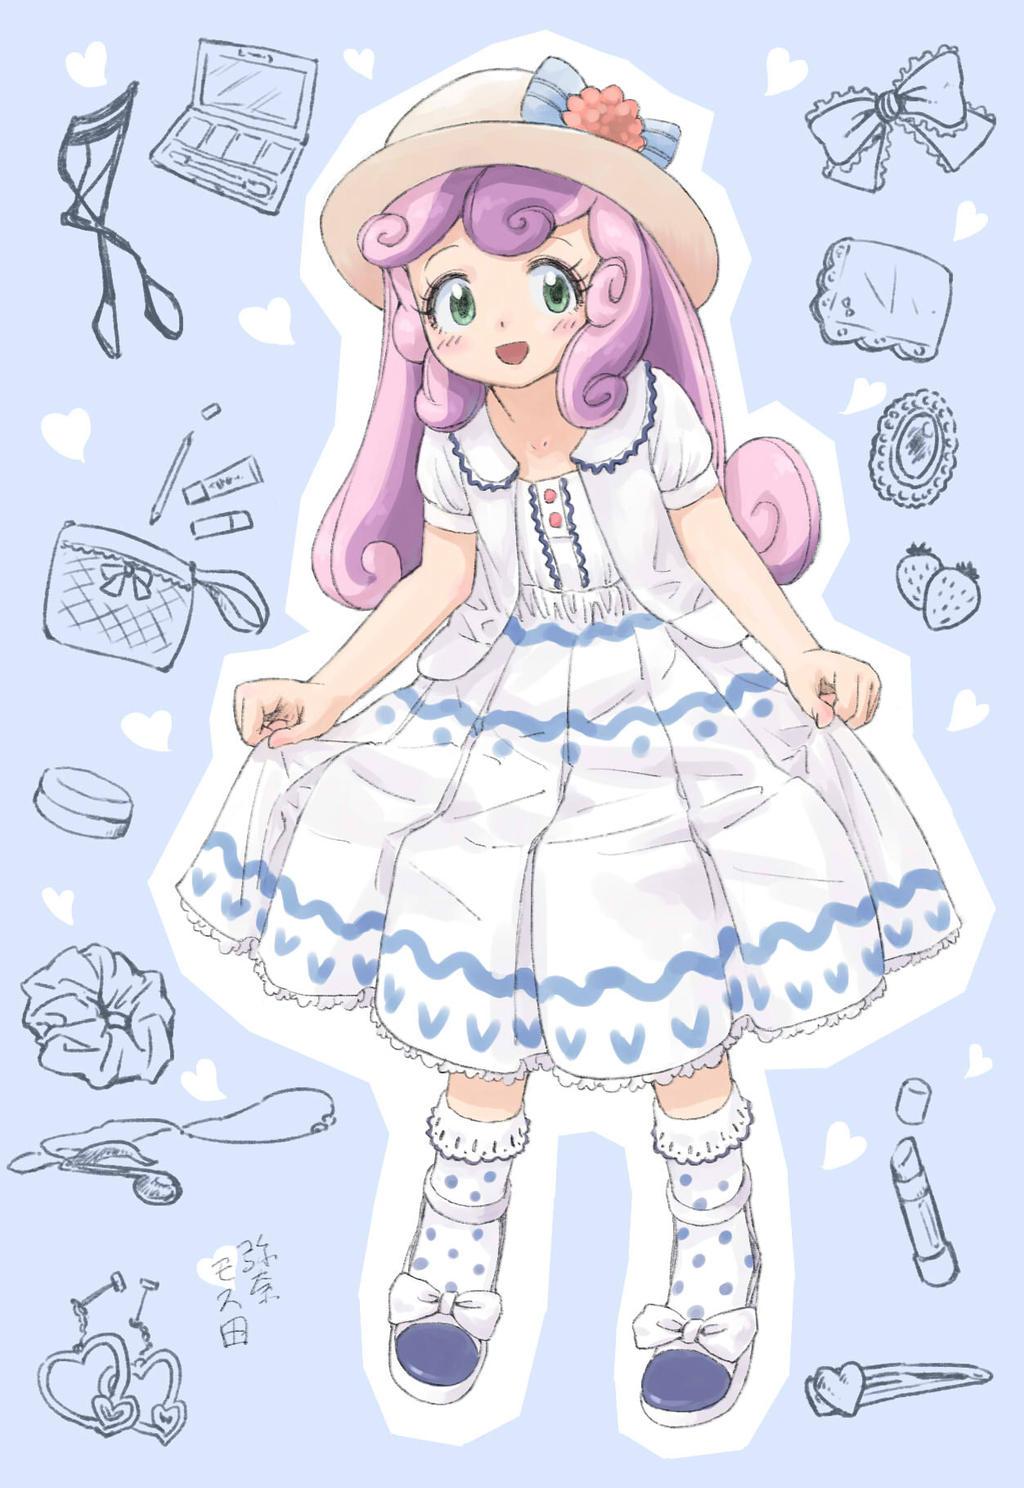 Sweetie Belle by Yanamosuda